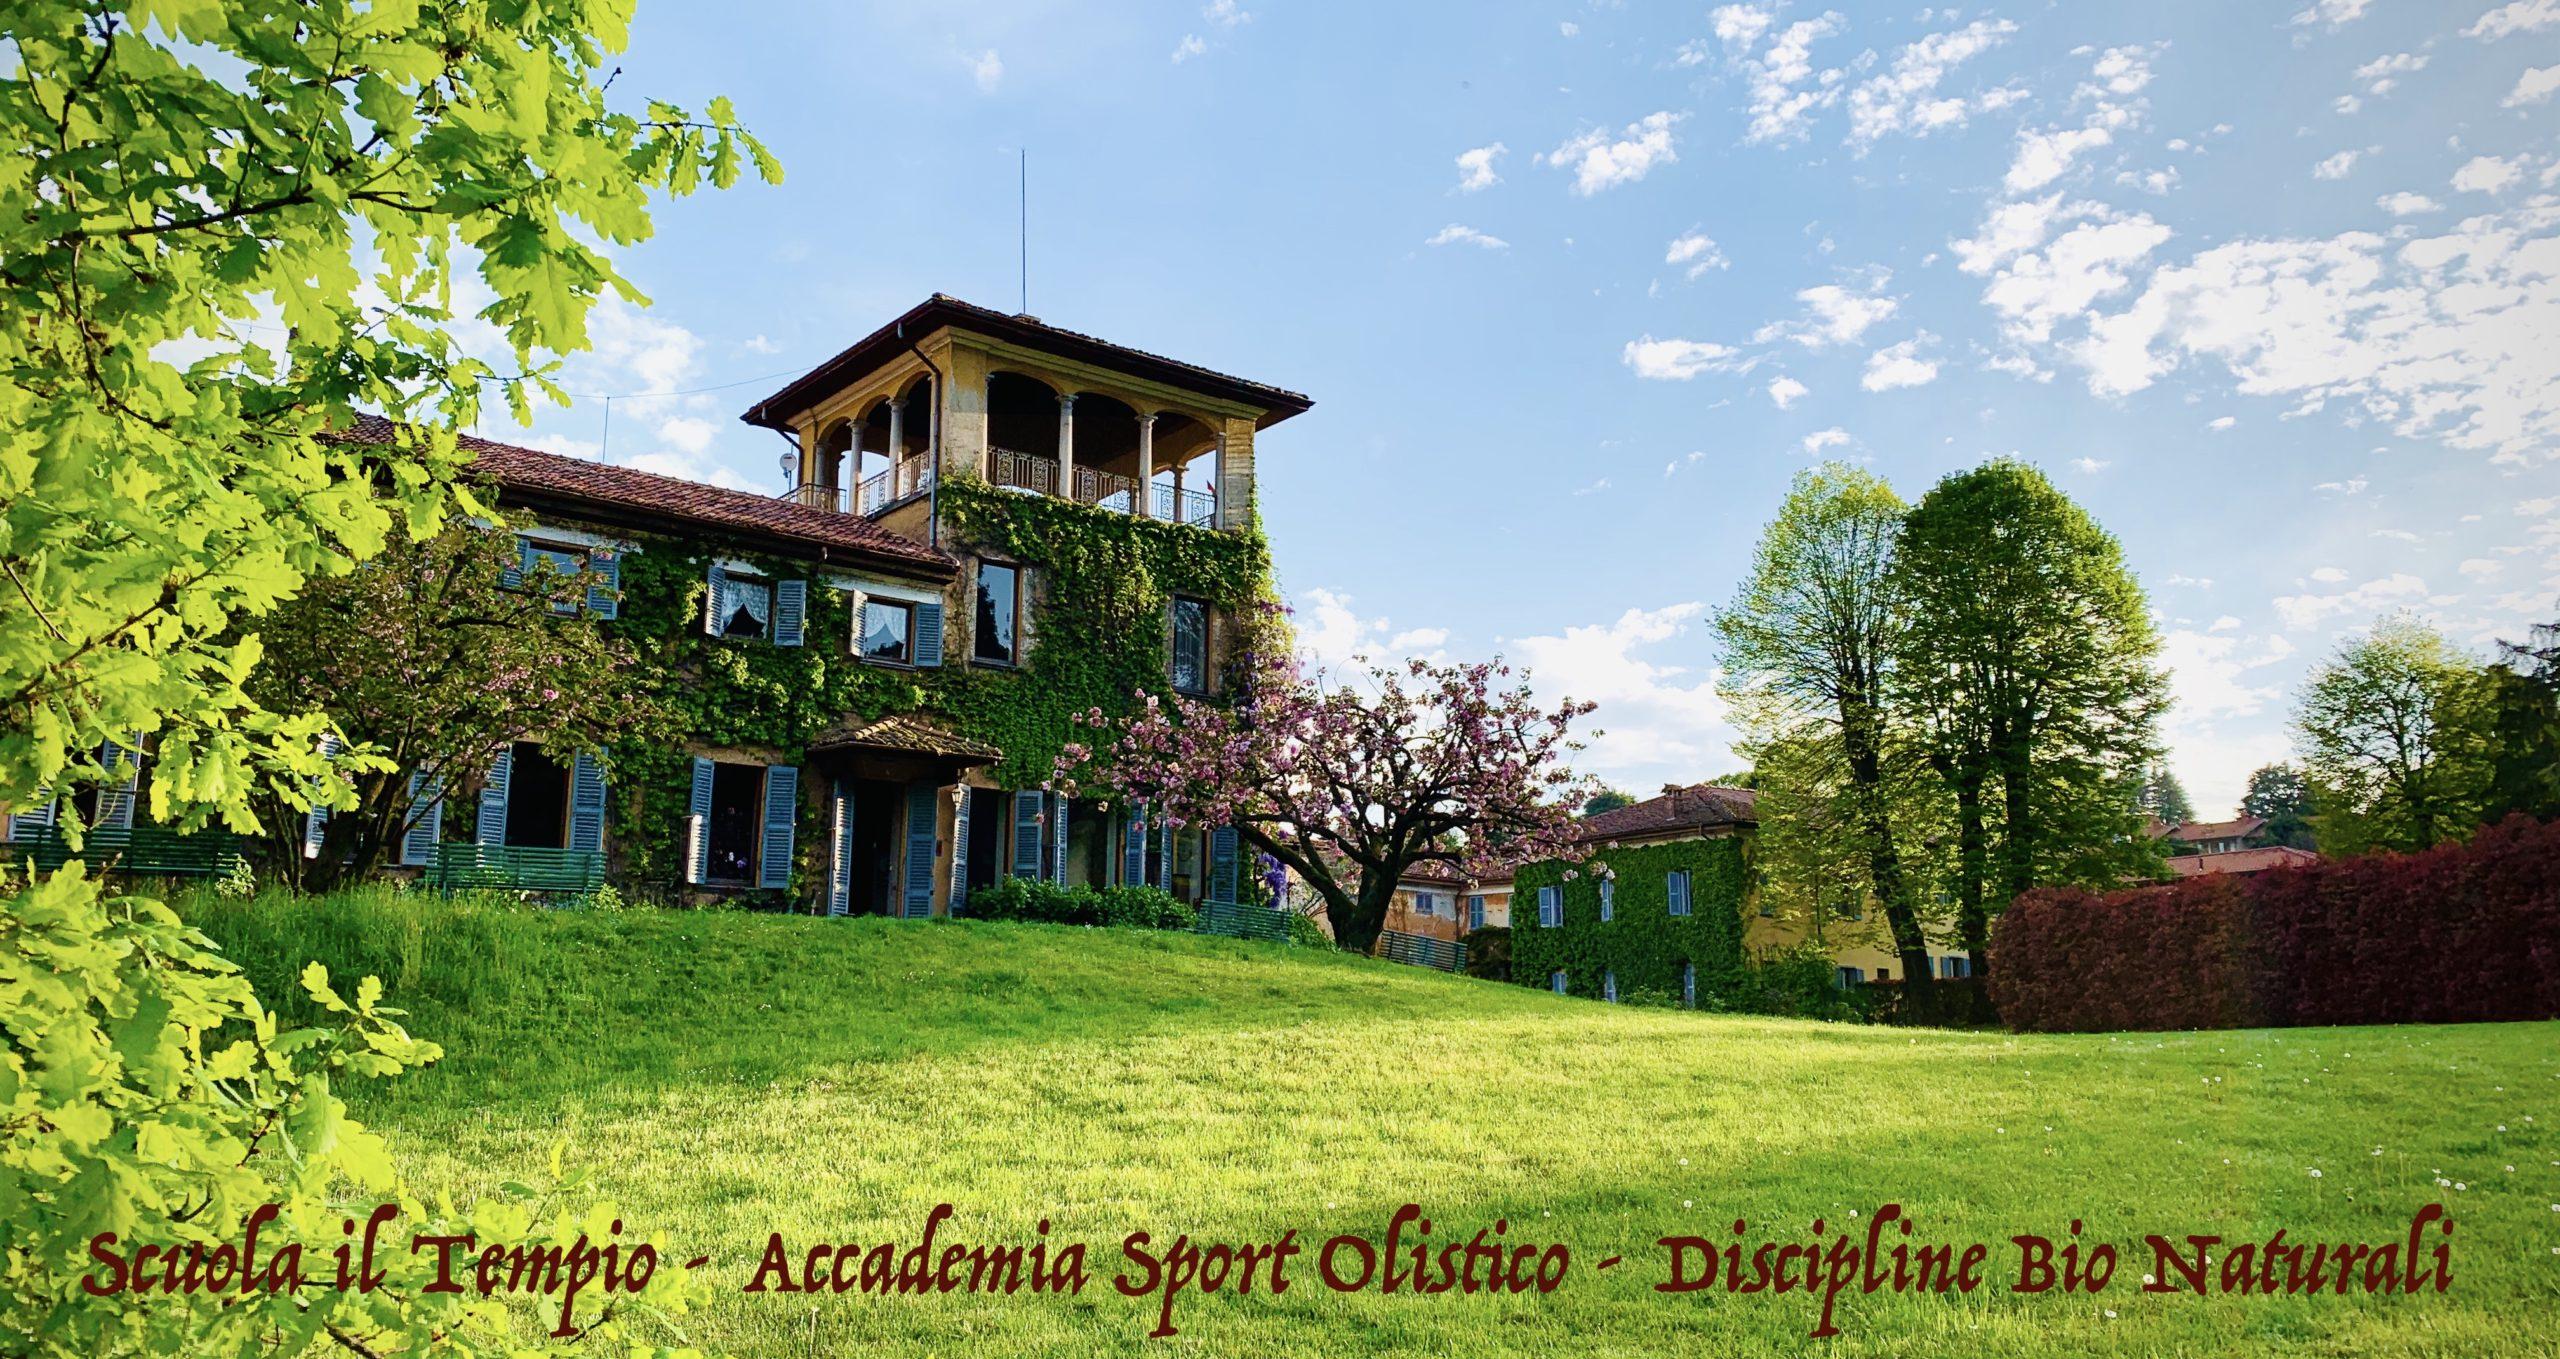 Scuola il Tempio